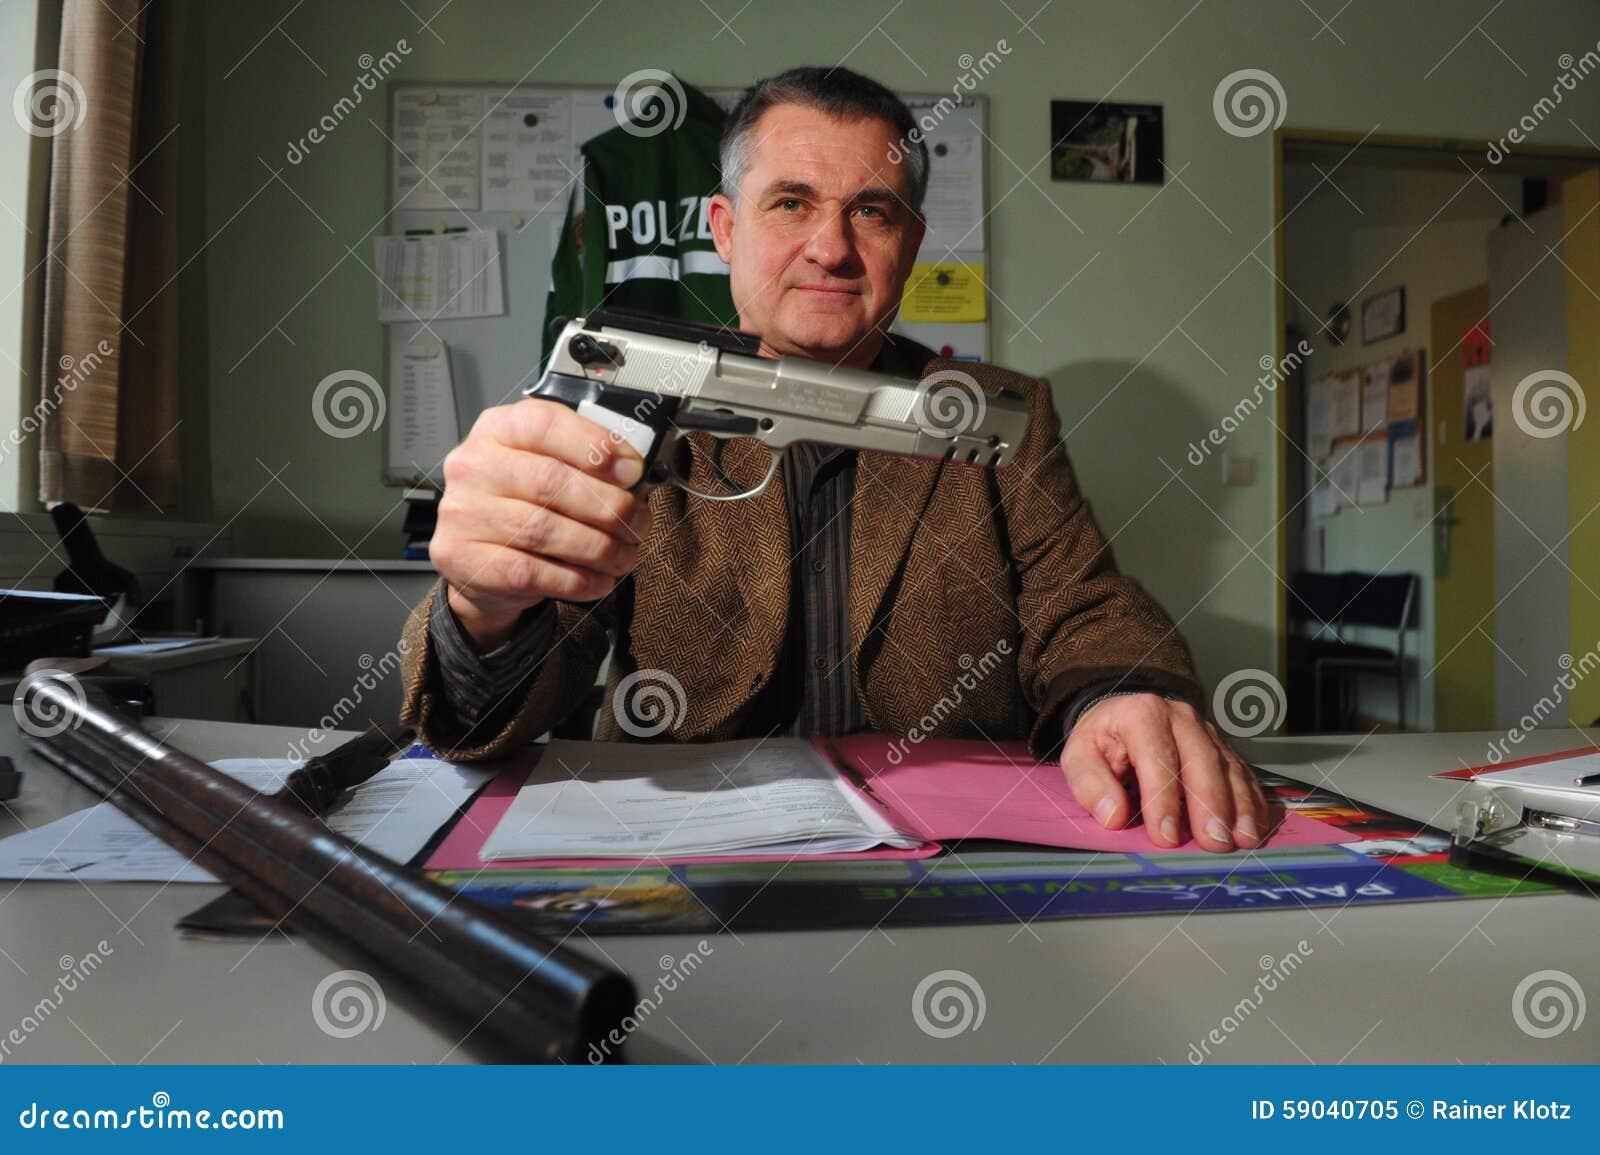 Armas y munición confiscados